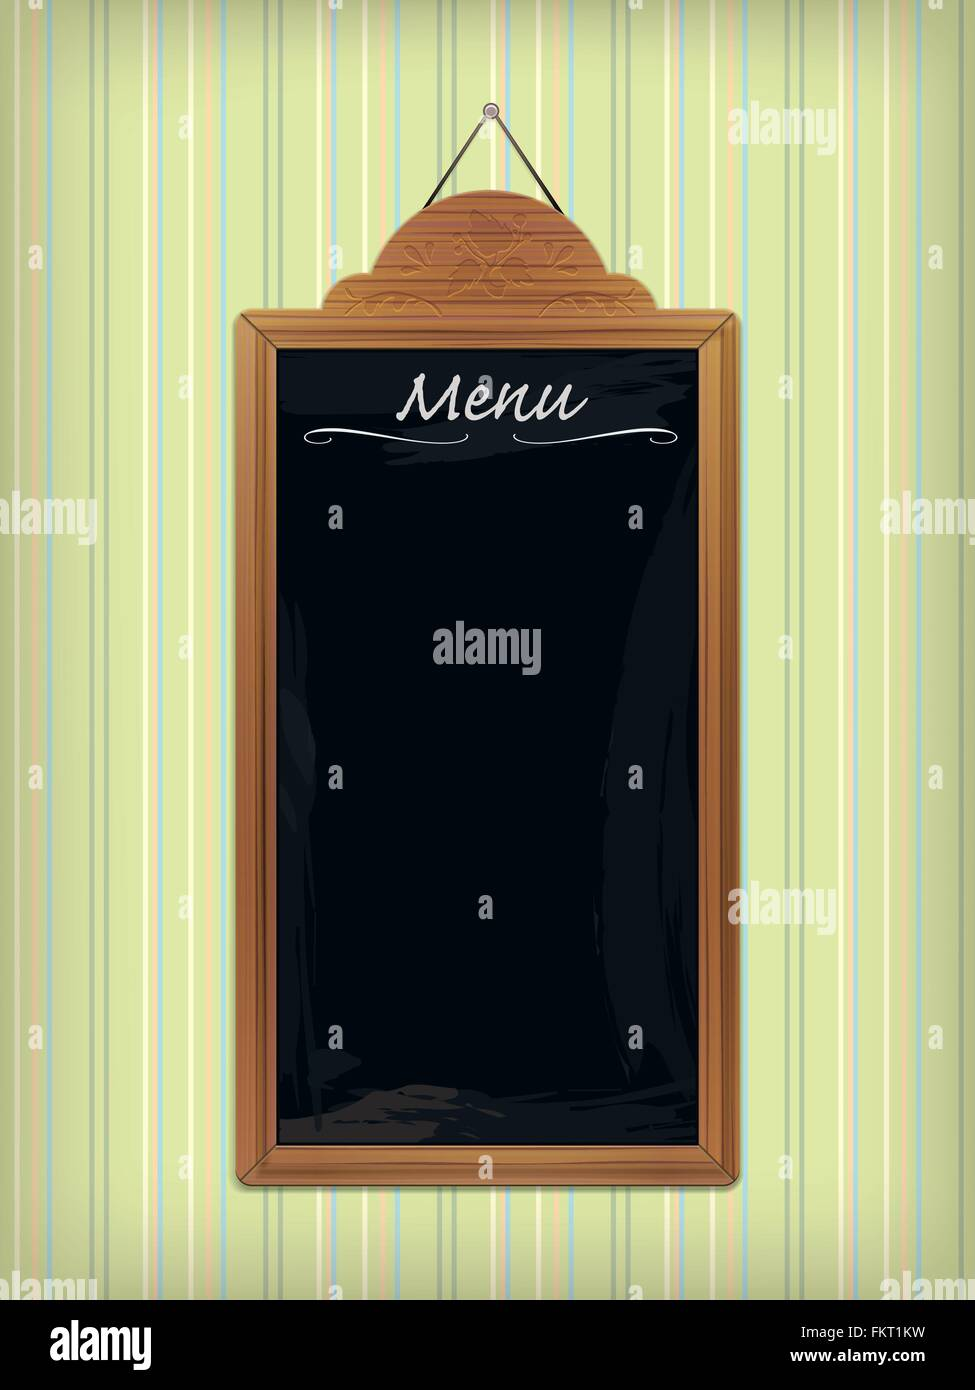 Vuoto menu legno lavagna con sculture ornamentali appesi al muro con carta da parati a strisce Immagini Stock